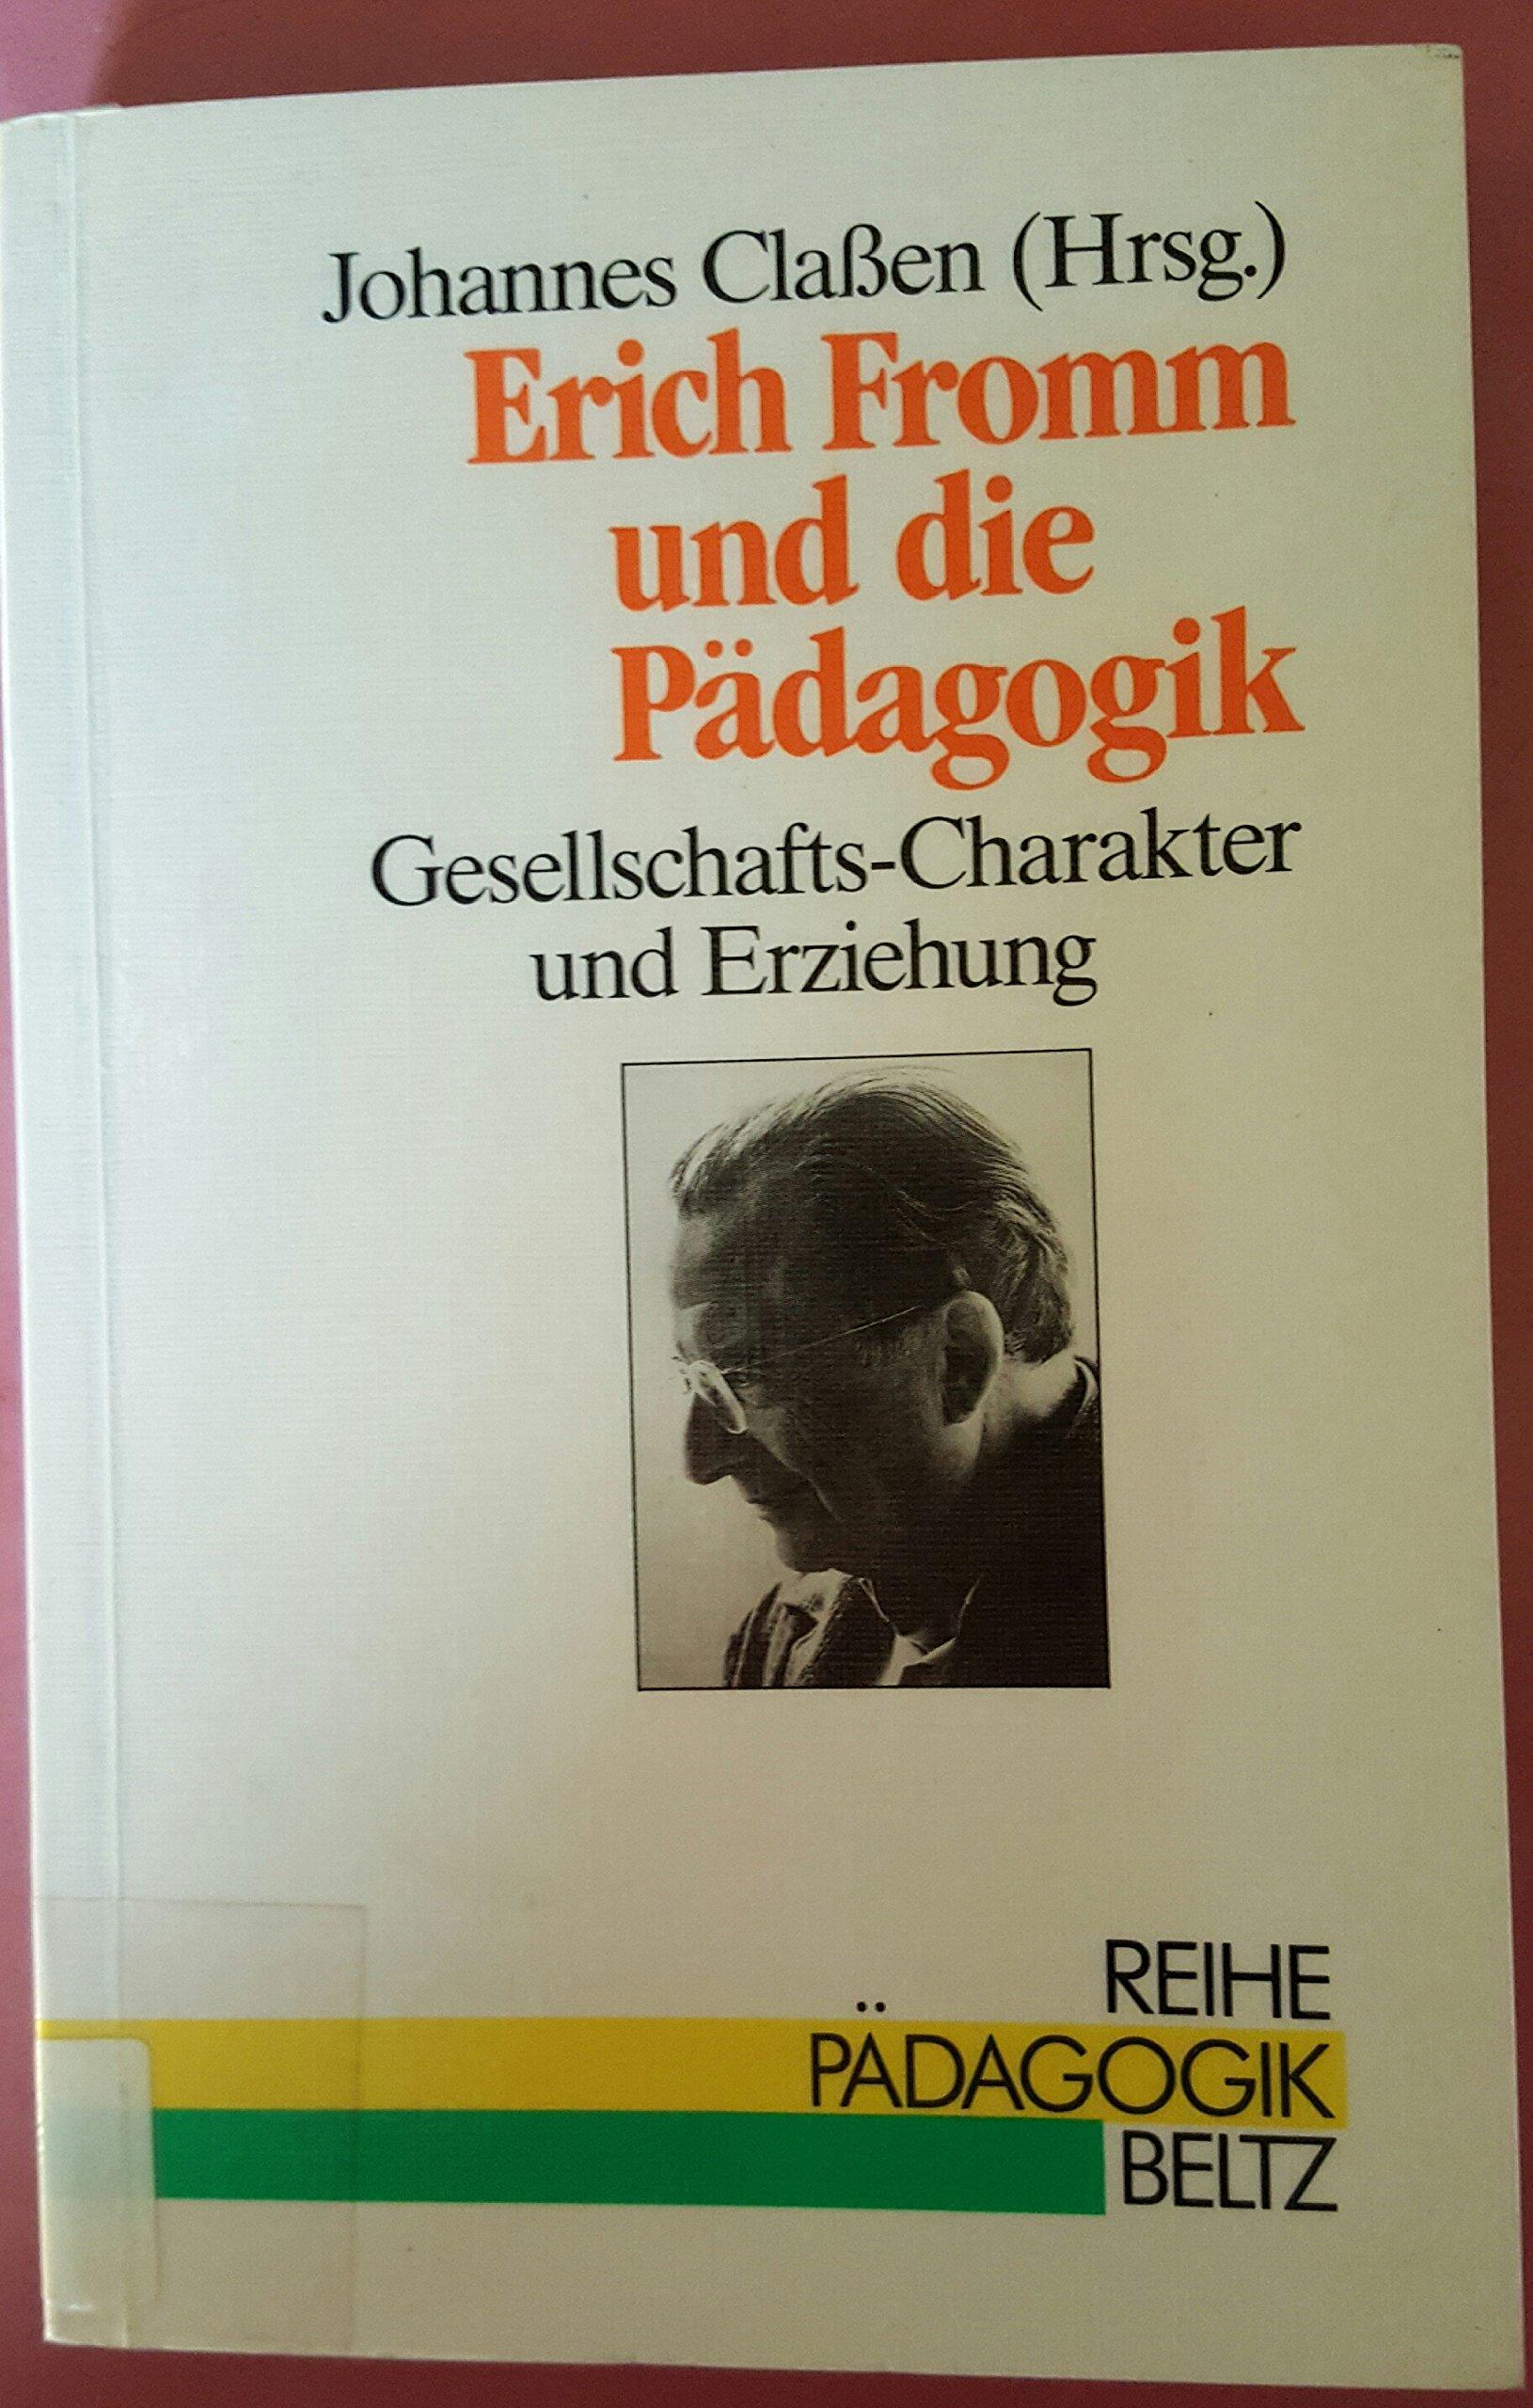 Erich Fromm und die Pädagogik: Gesellschafts-Charakter und Erziehung ...